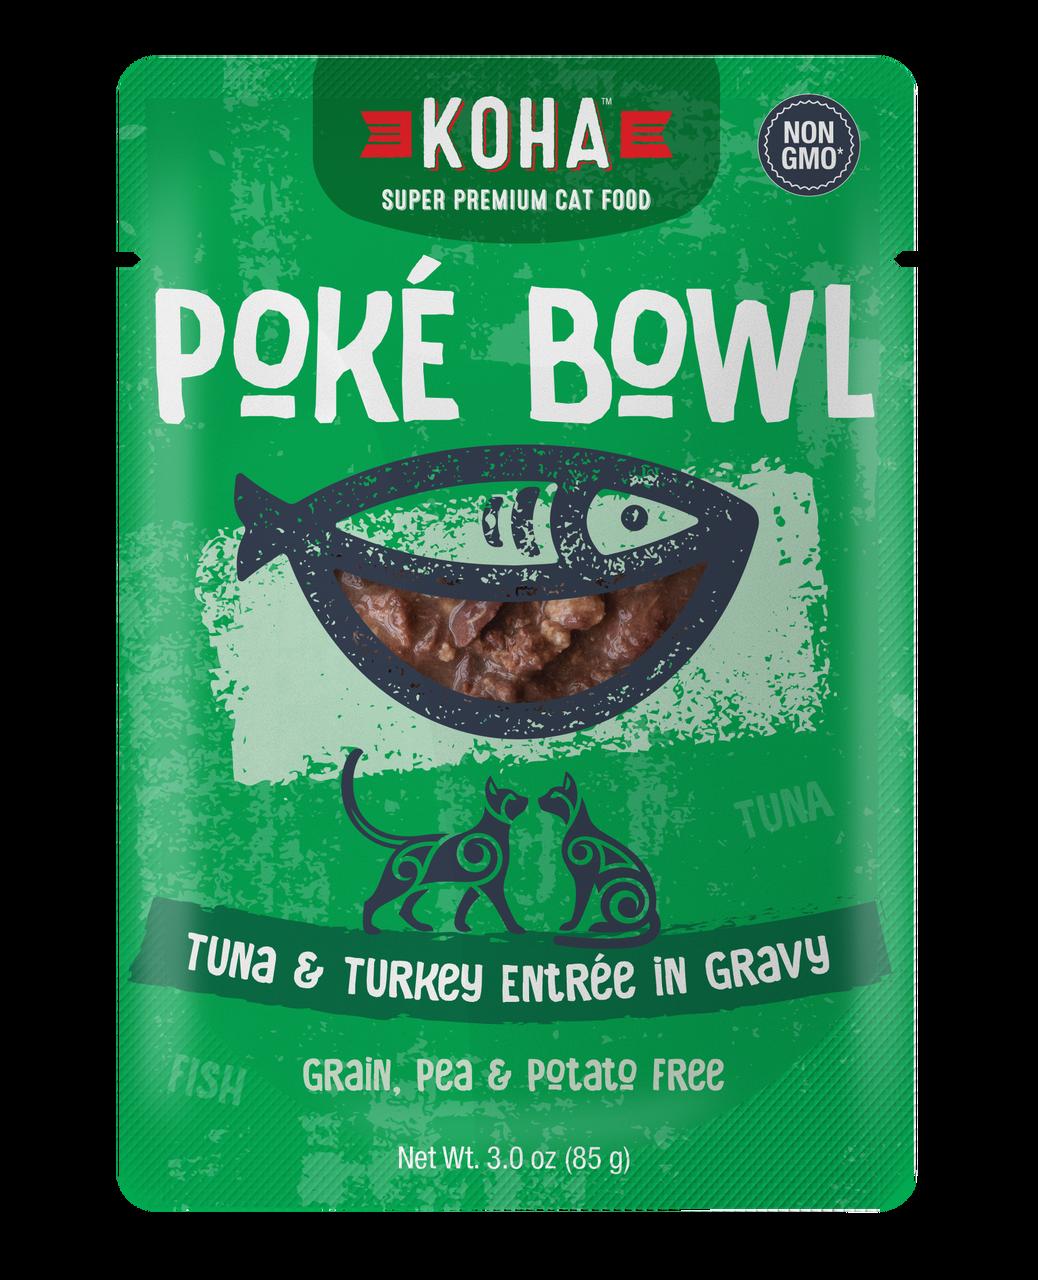 Koha Poke Bowl Tuna & Turkey Entrée in Gravy Wet Cat Food, 3-oz pouch, case of 12